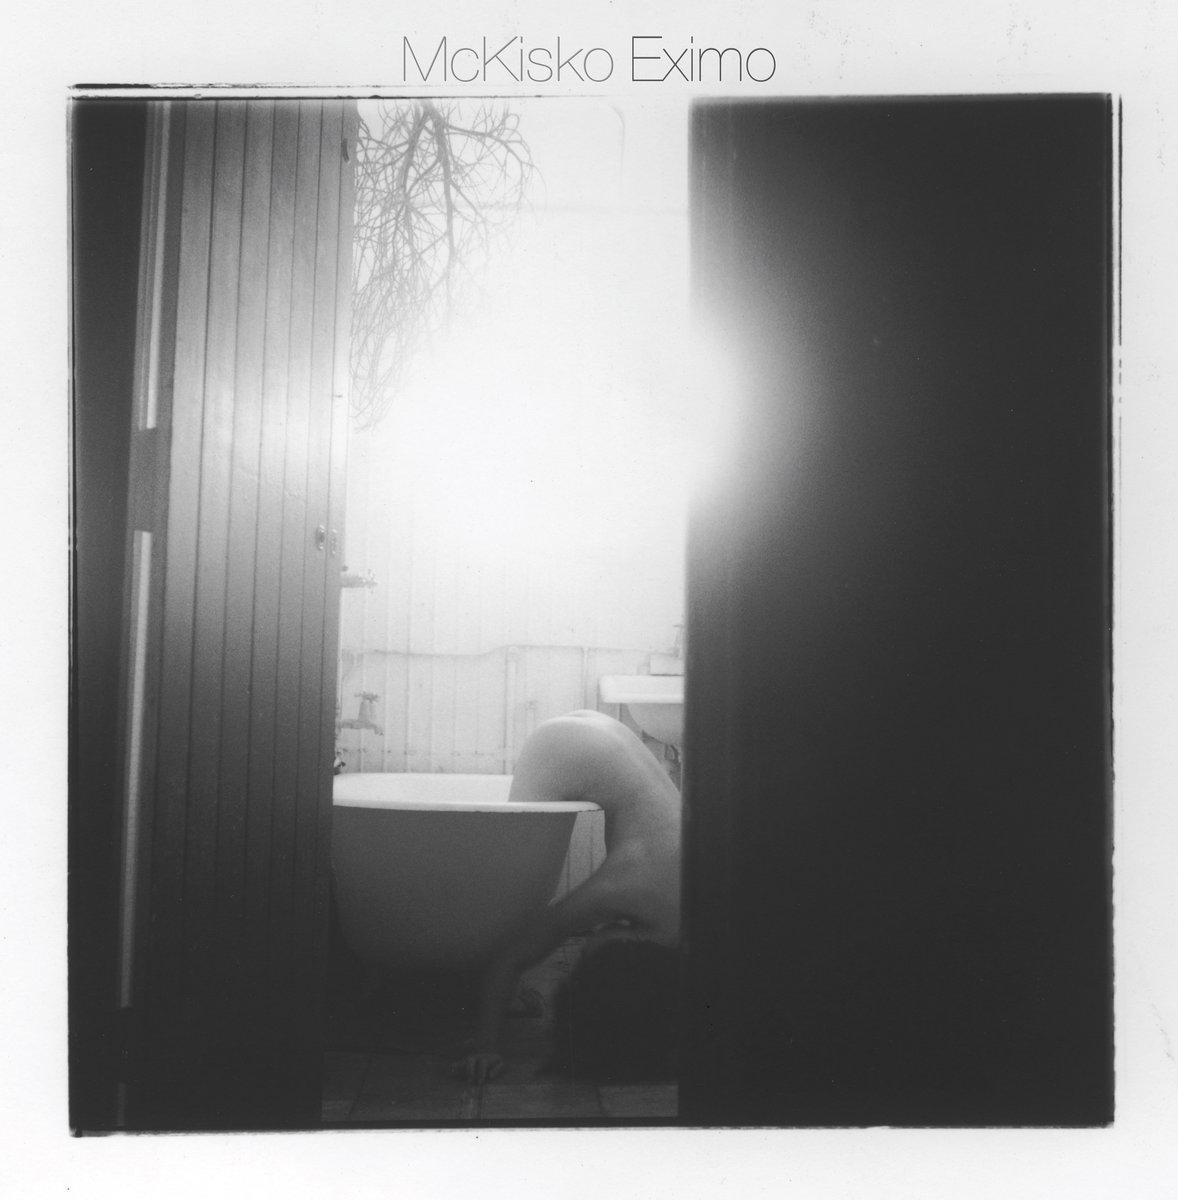 Eximo | McKisko